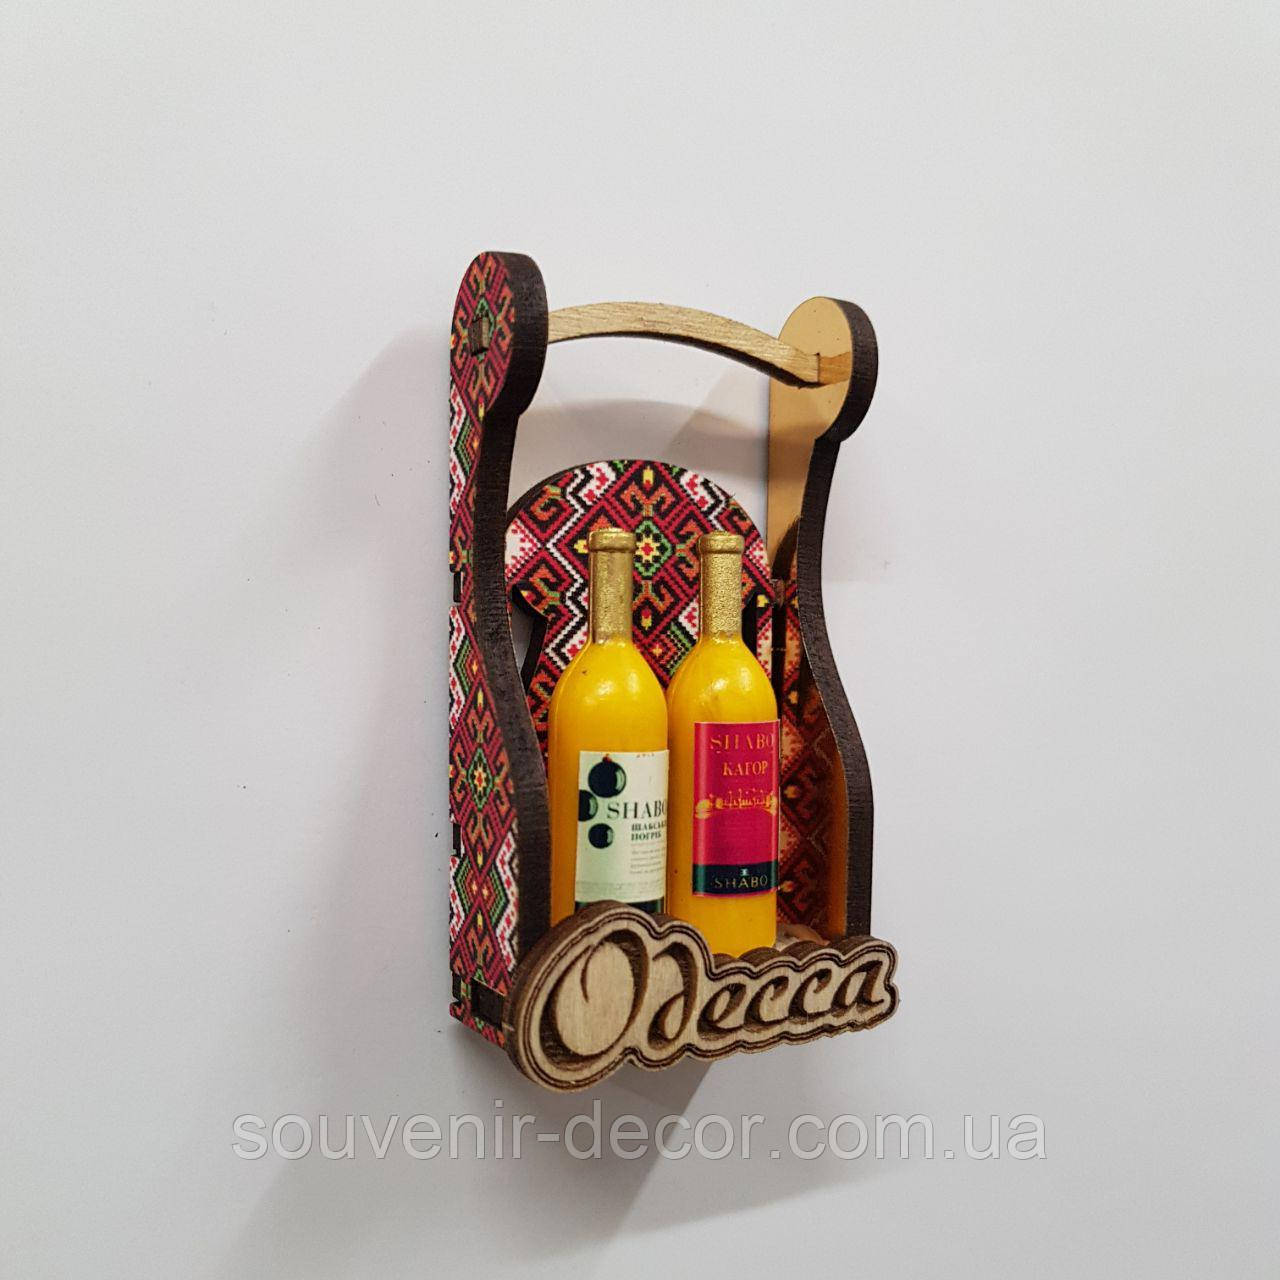 Магнит с 2 бутылками Одесса печать